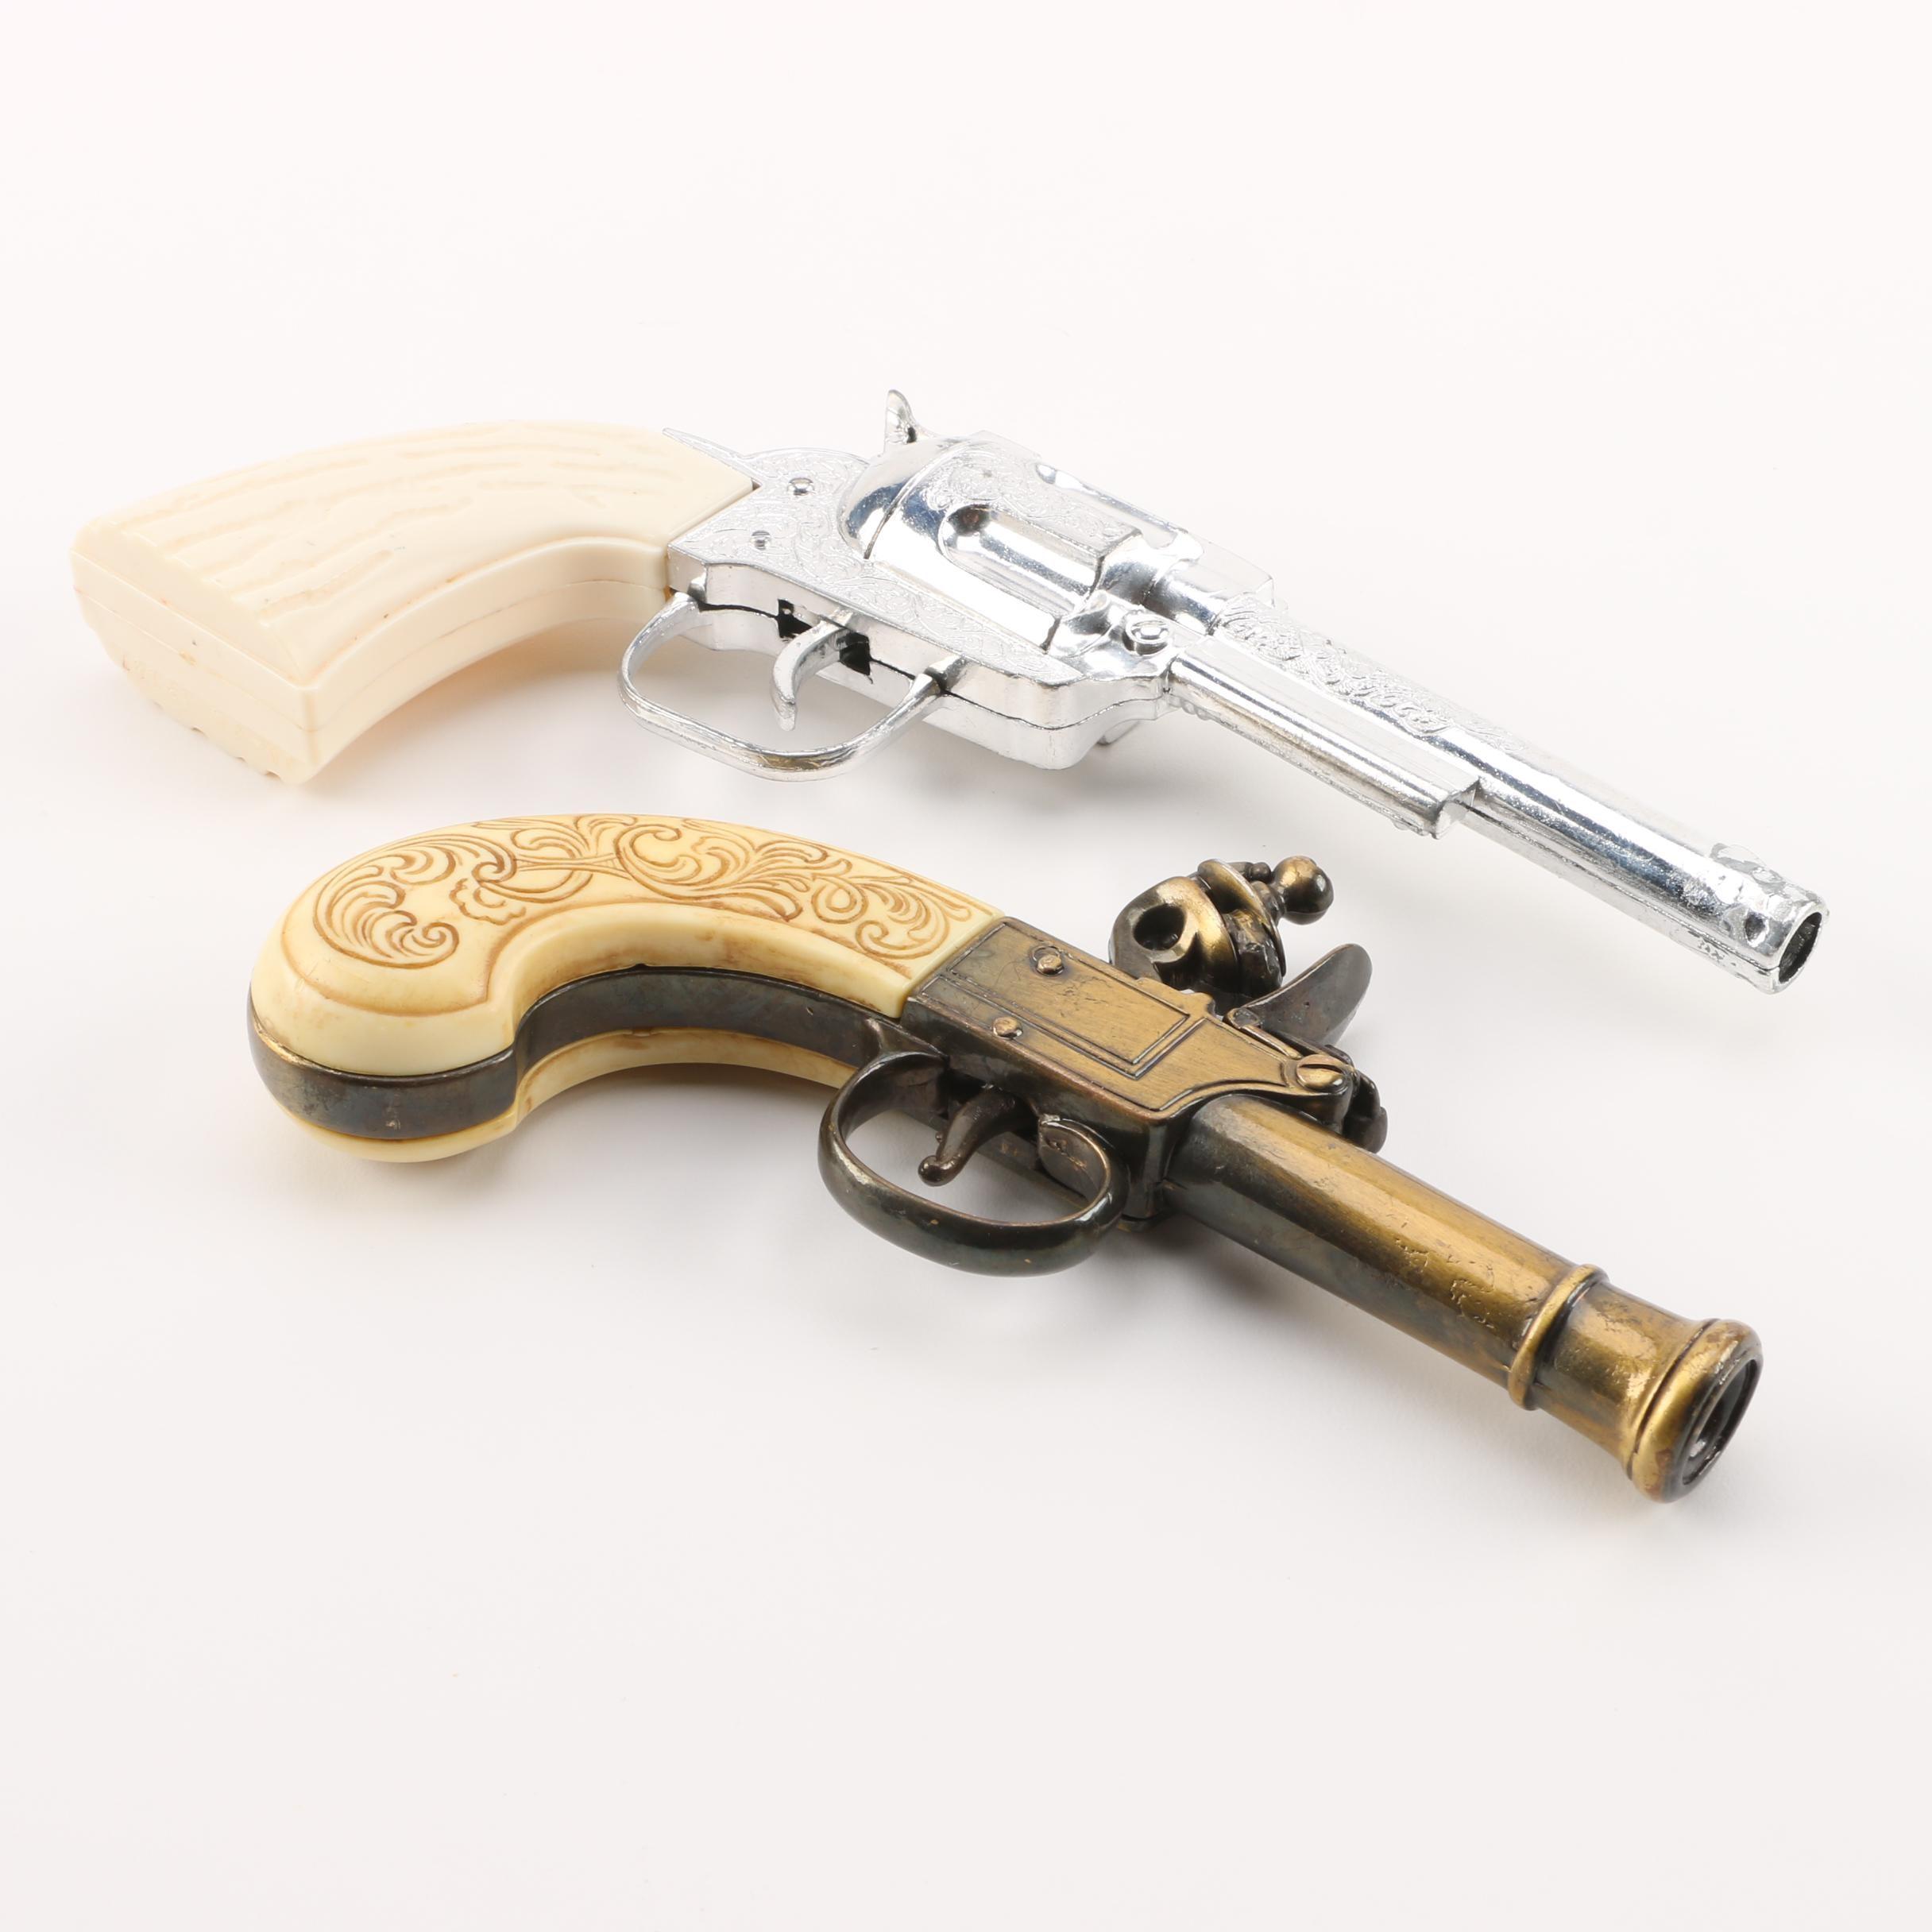 Toy Pistols